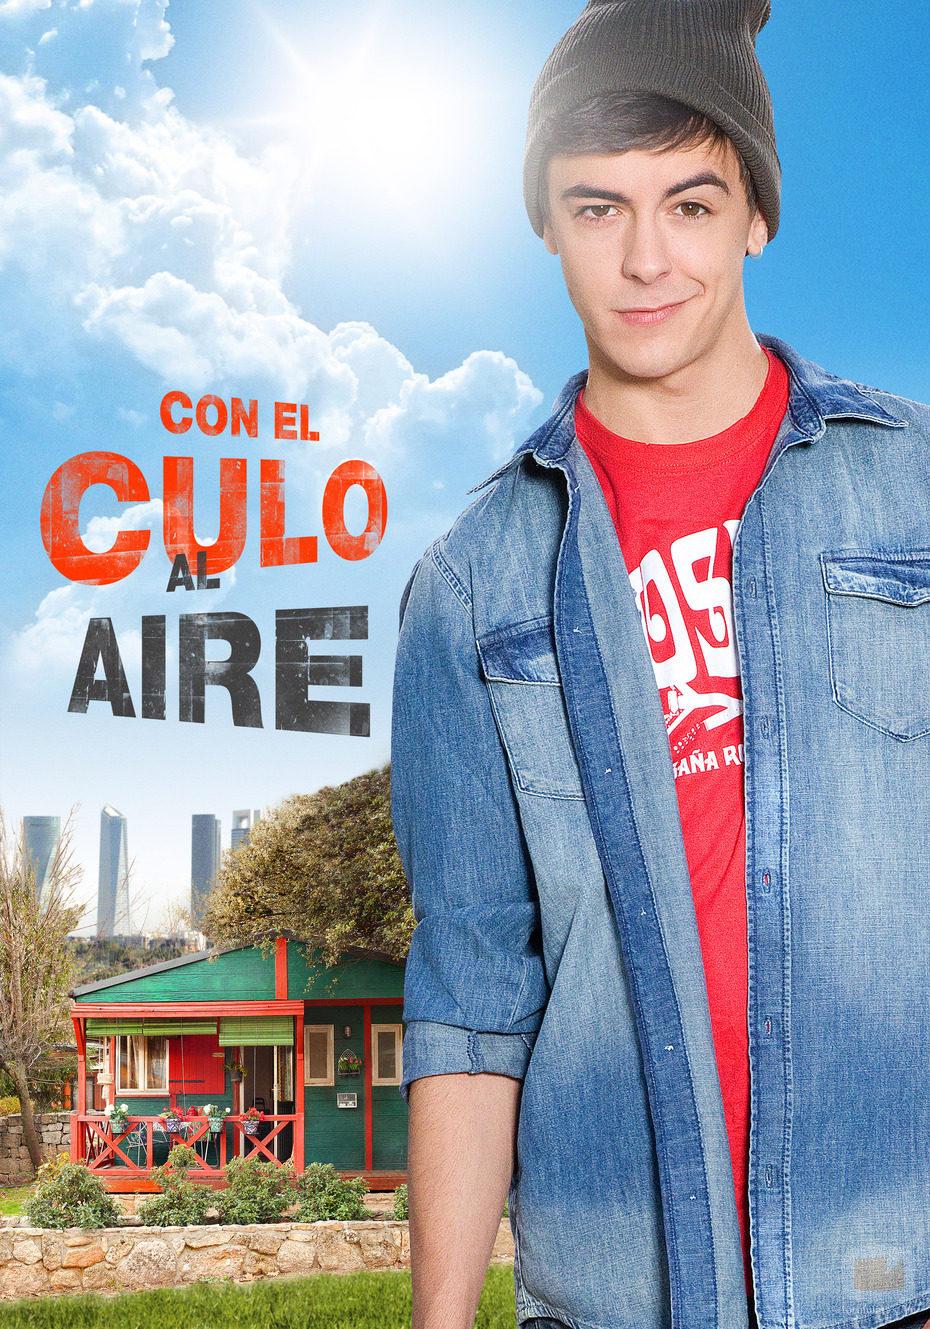 Víctor Palmero da vida a Dani en la serie 'Con el culo al aire'